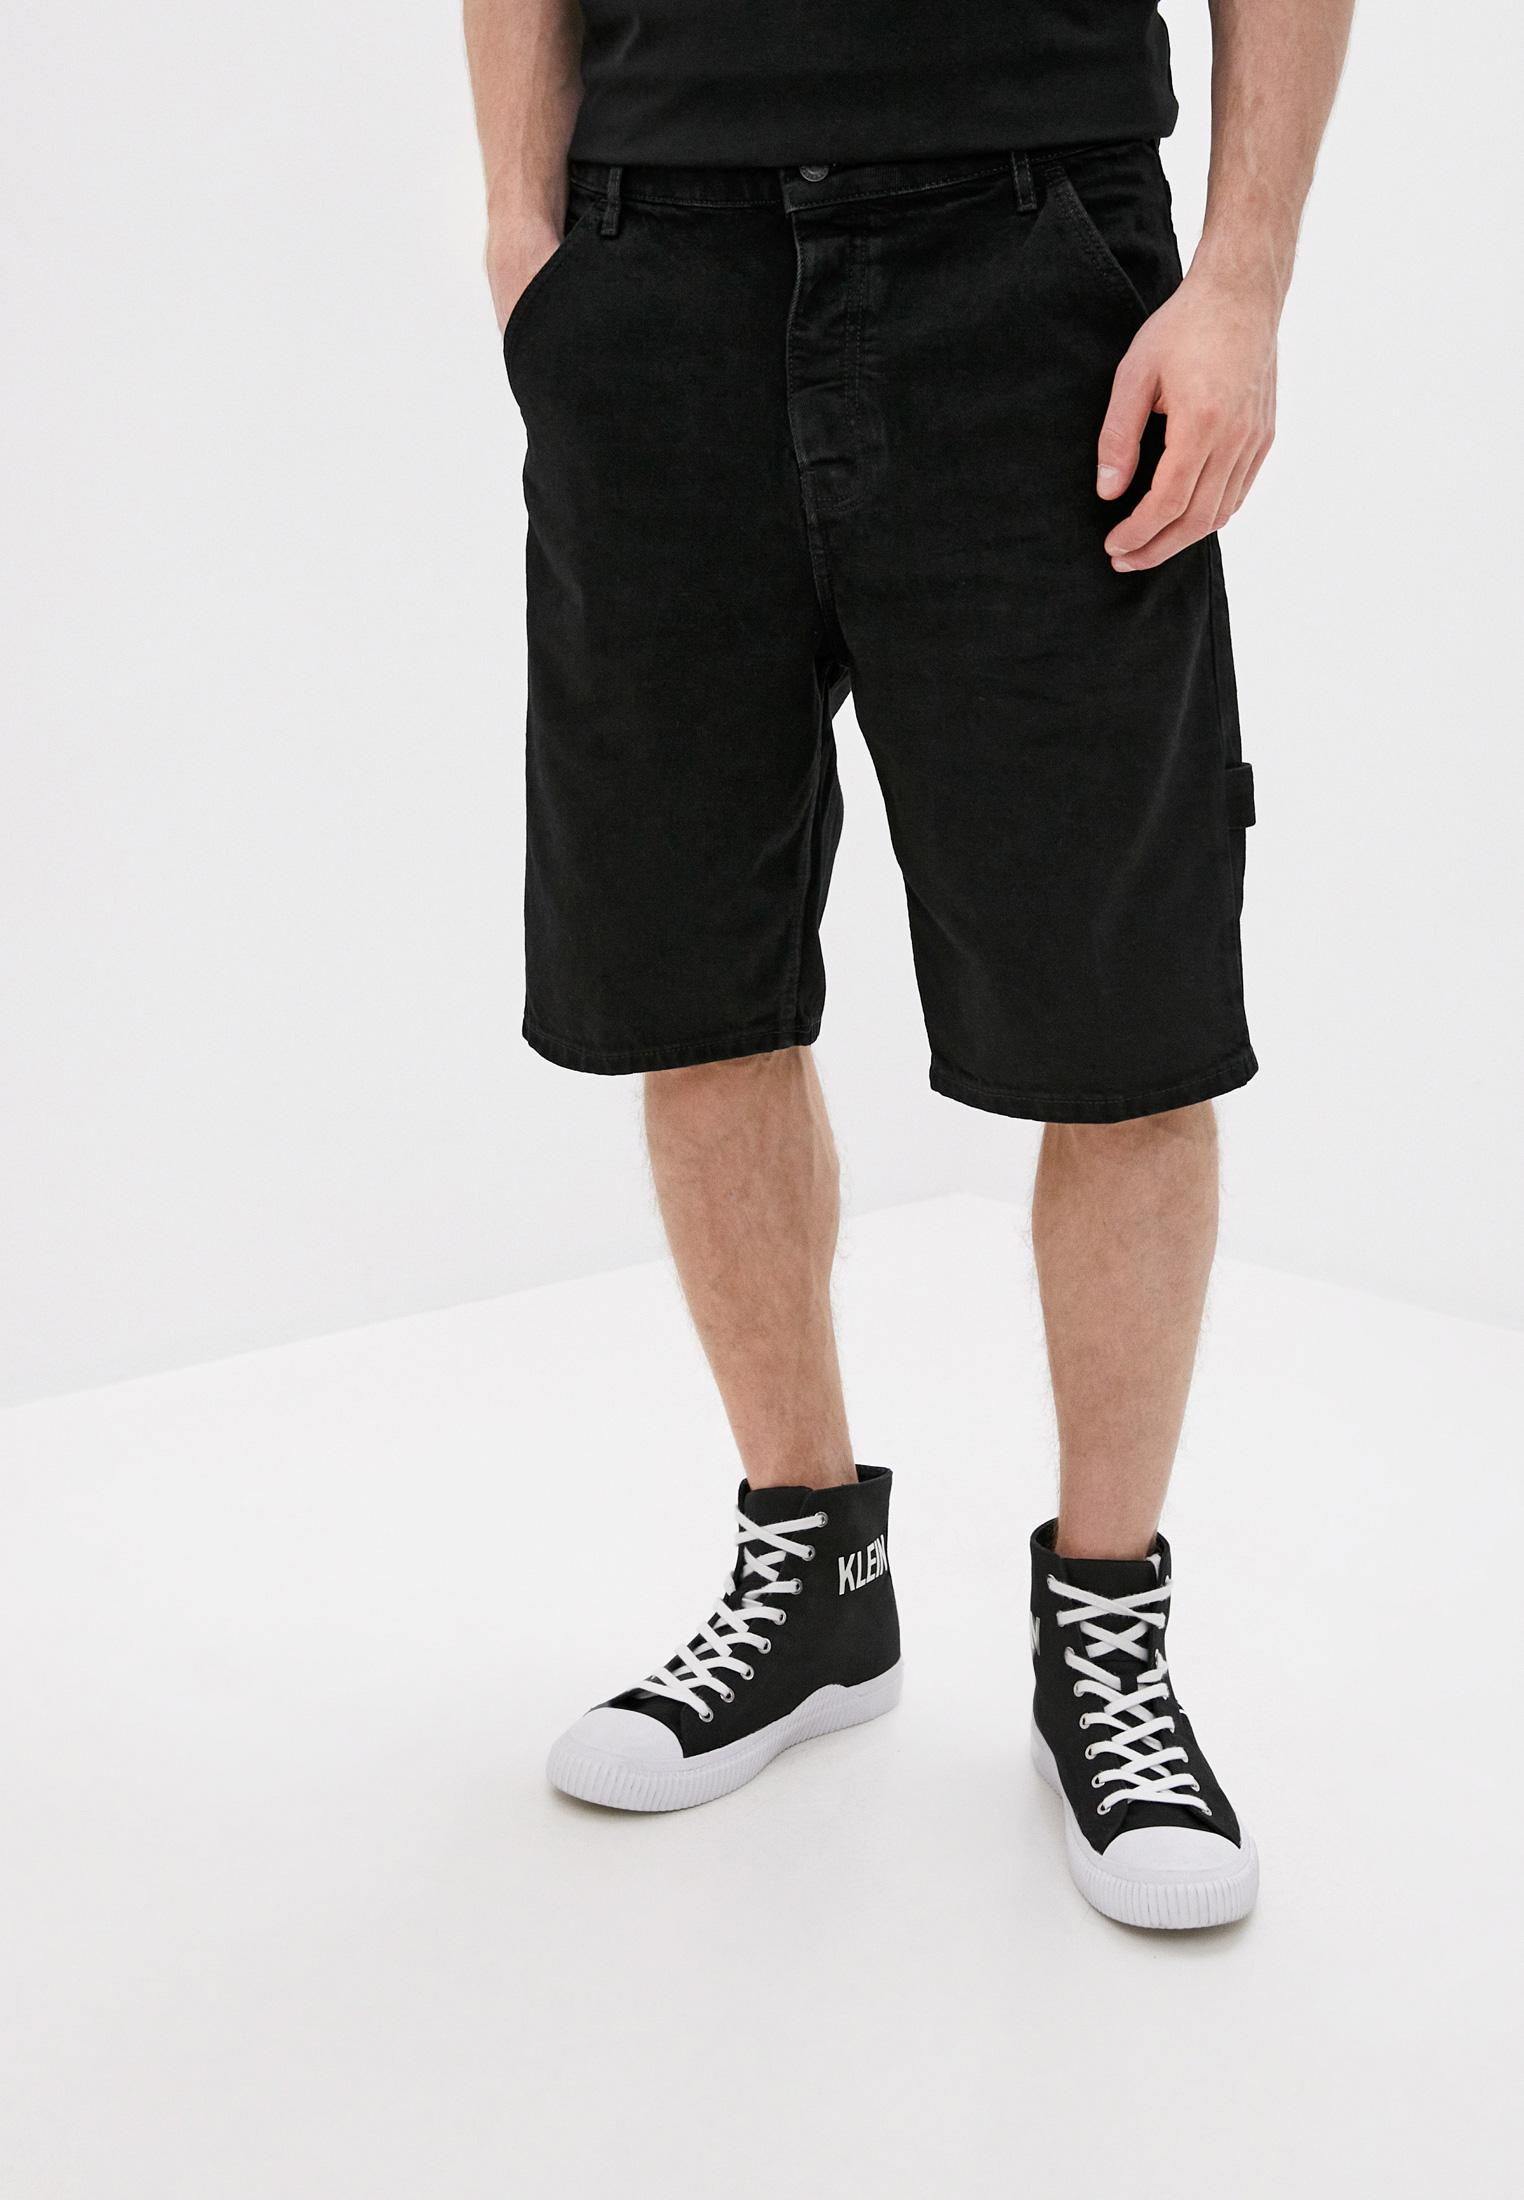 Мужские джинсовые шорты Topman (Топмэн) 33N24SBLK